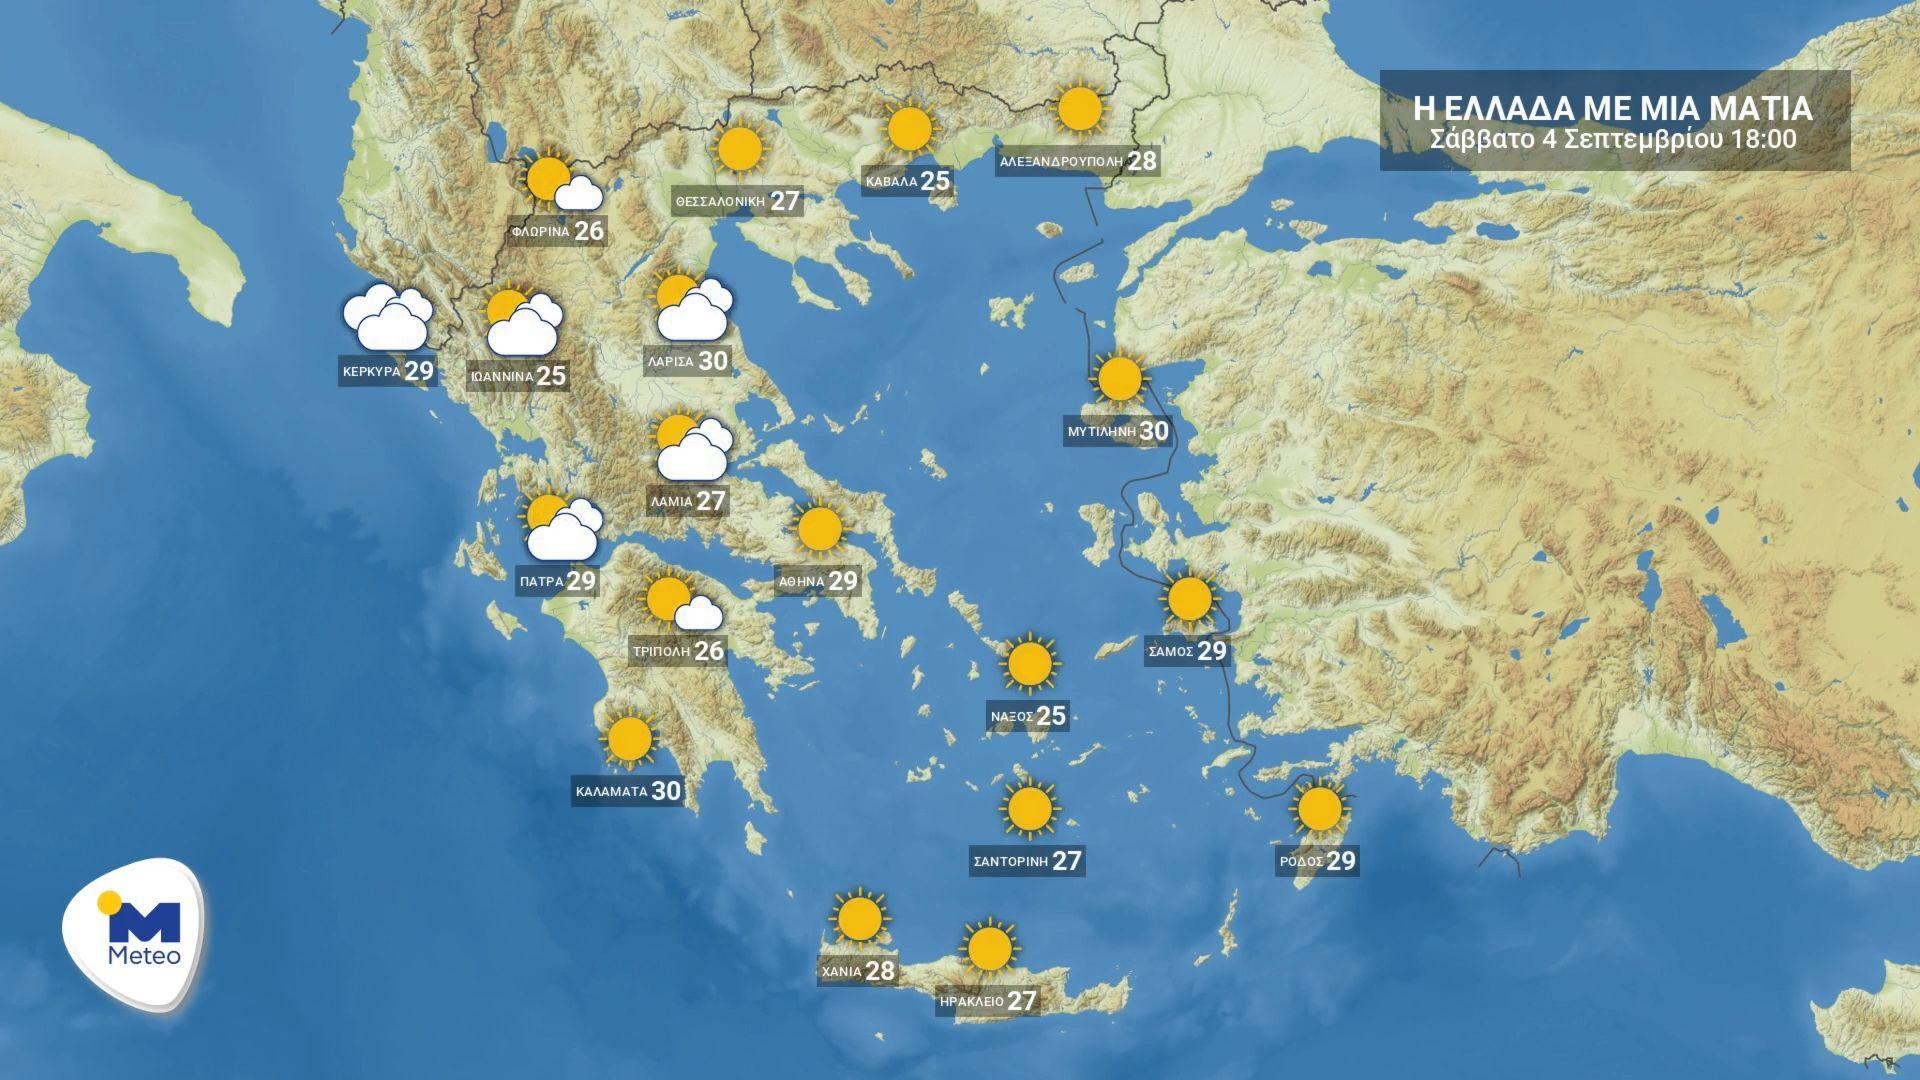 Πρόγνωση του καιρού για Σάββατο 4 Σεπτεμβρίου (video)